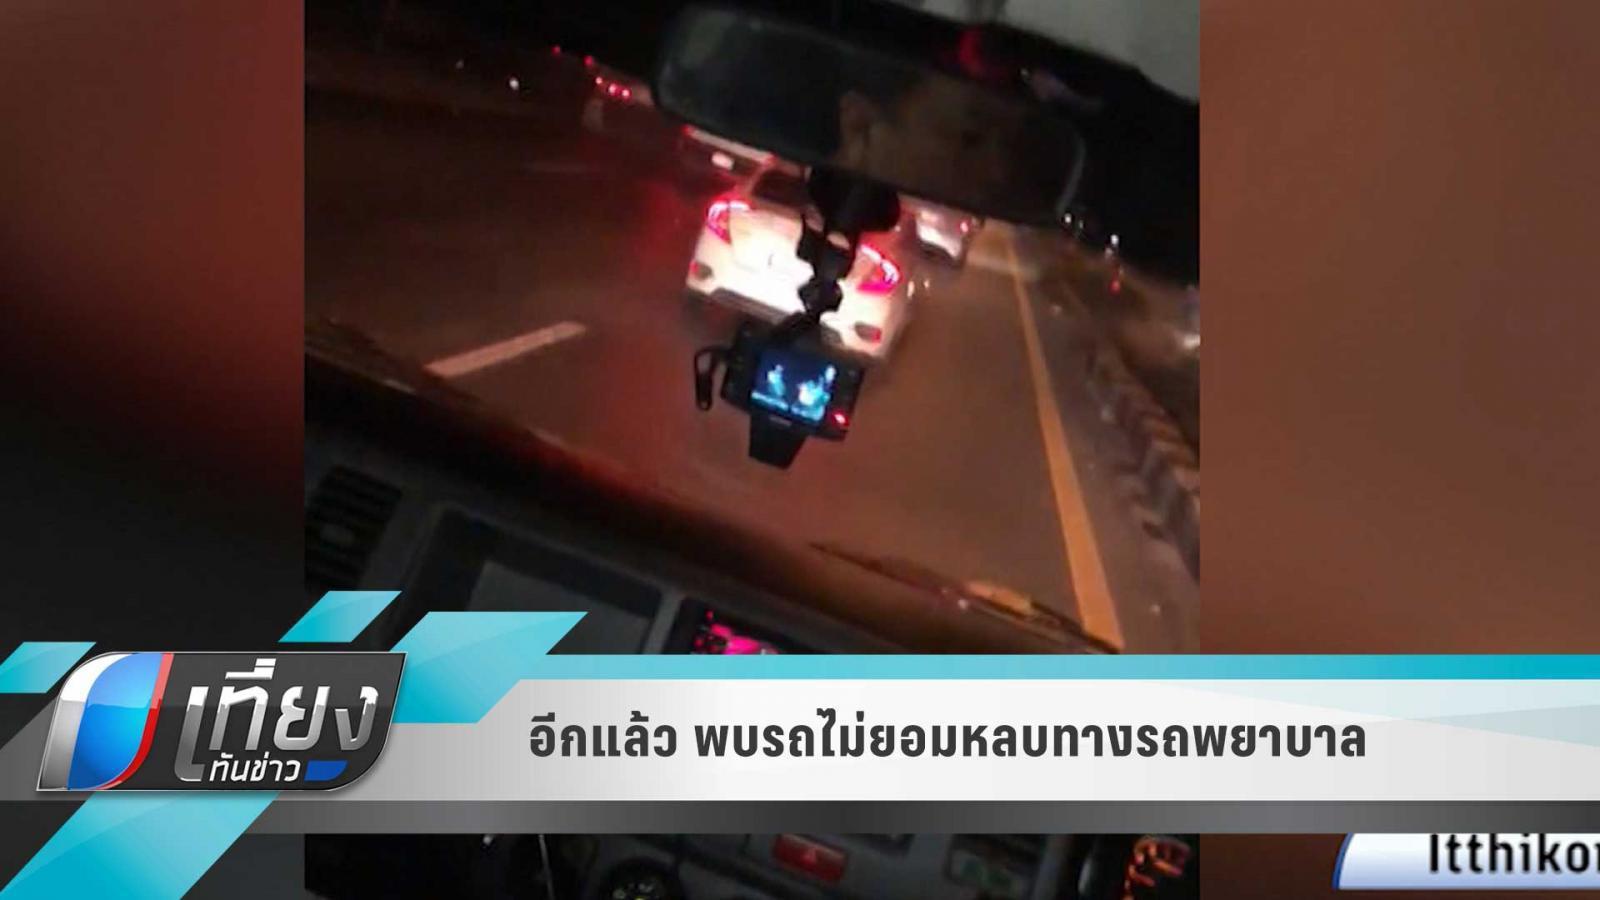 โลกออนไลน์พบอีก รถไม่ยอมหลบทางรถฉุกเฉิน